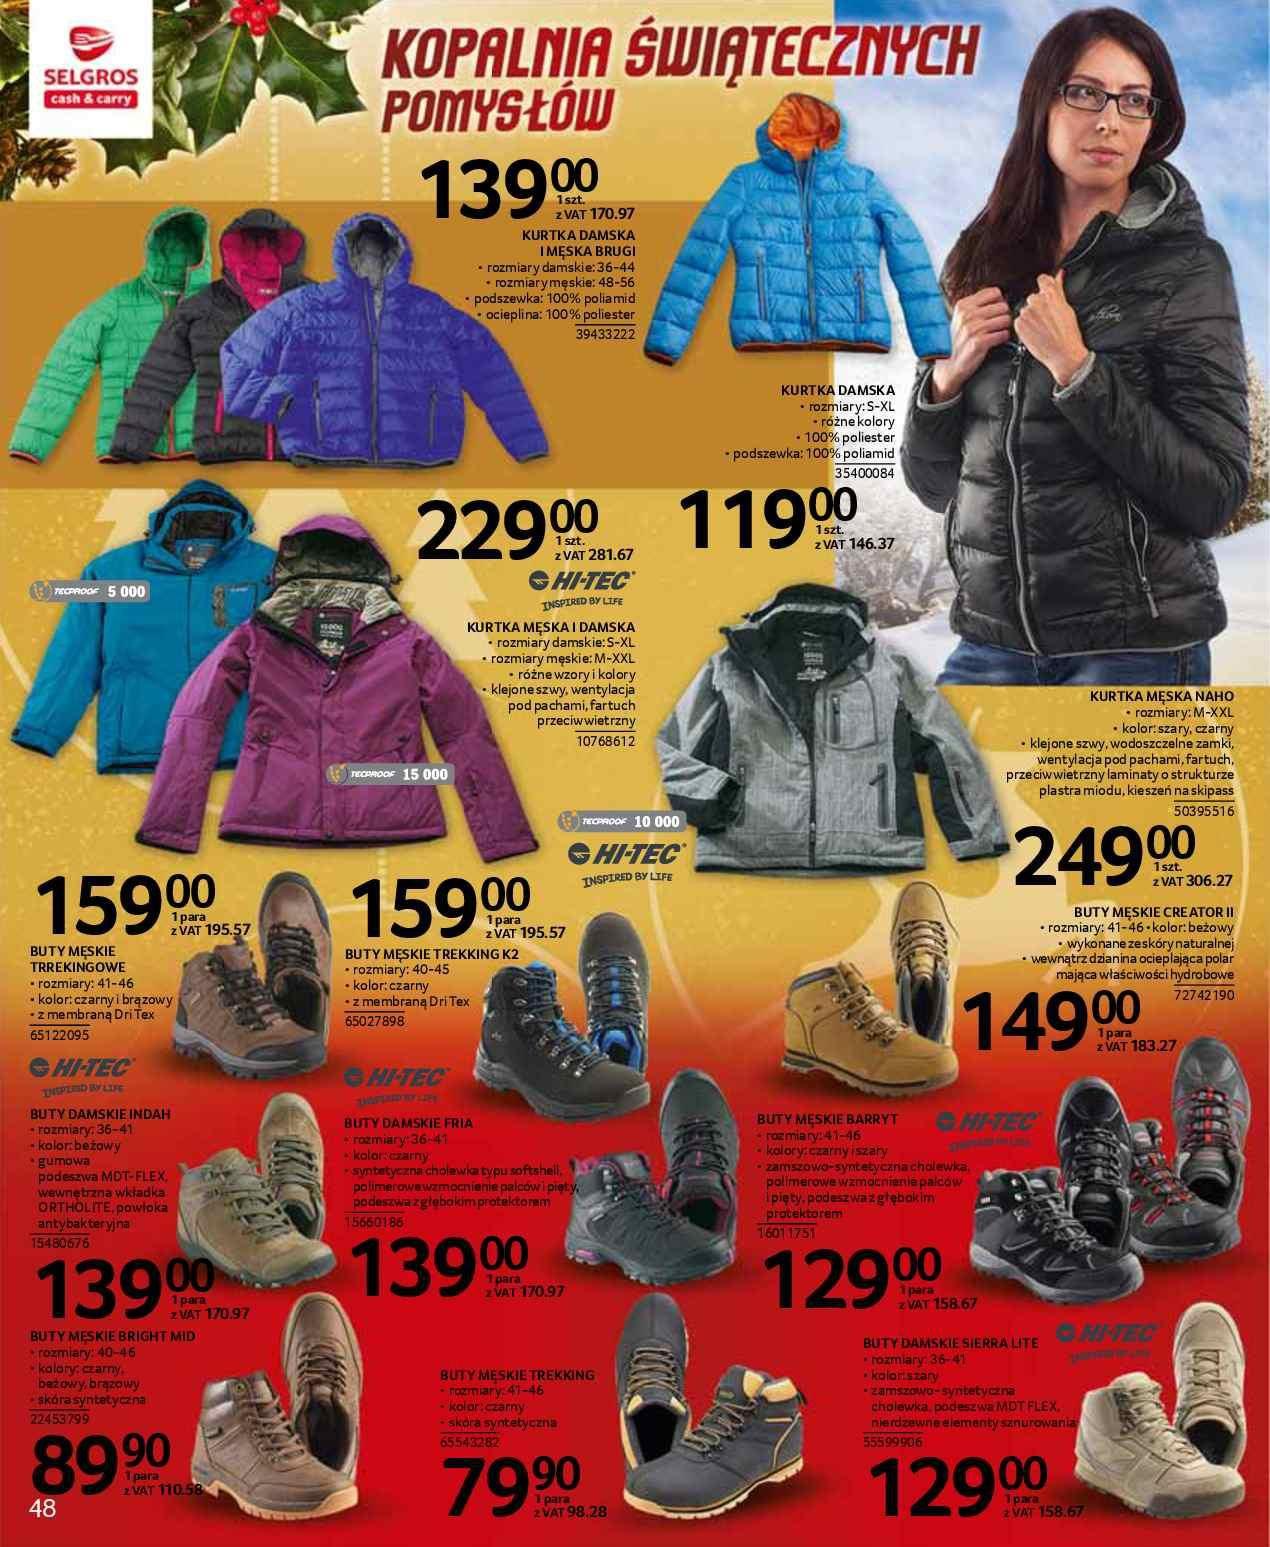 Promocje: Buty turystyczne GazetkaPromocyjna24